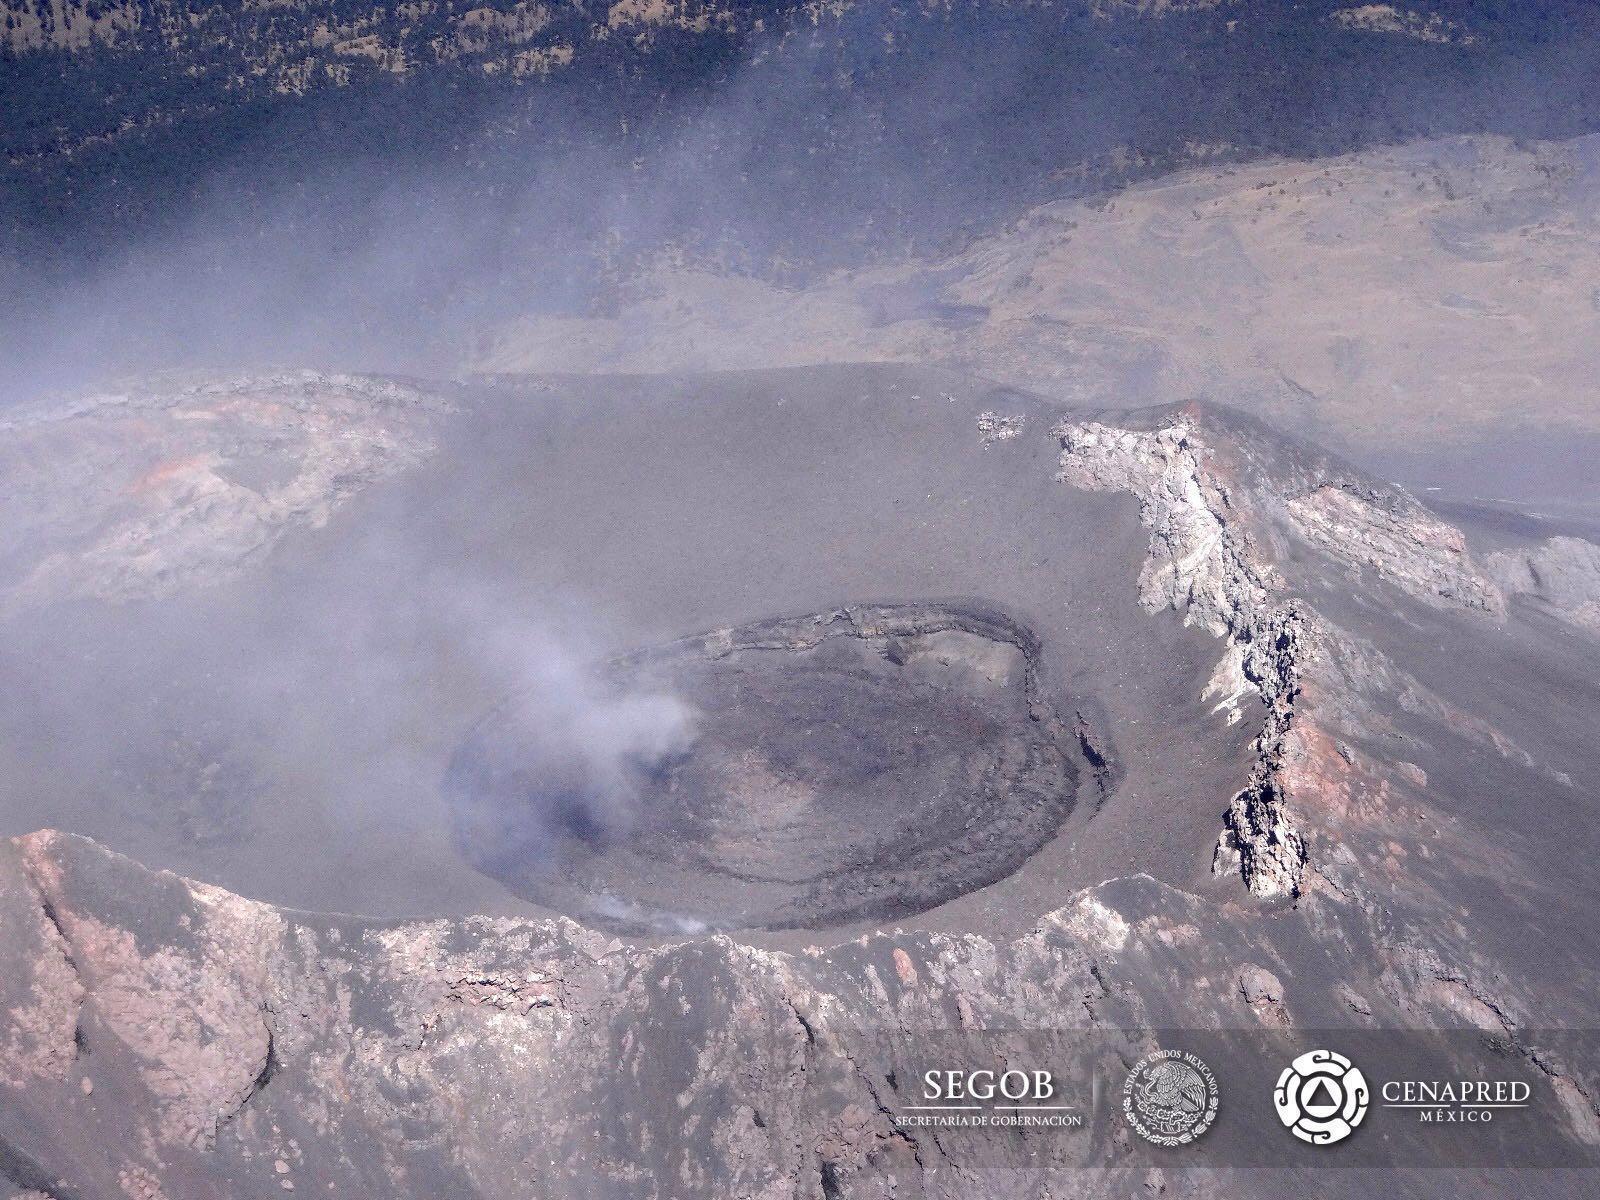 Imagen de sobrevuelo al cráter del Popocatépetl.